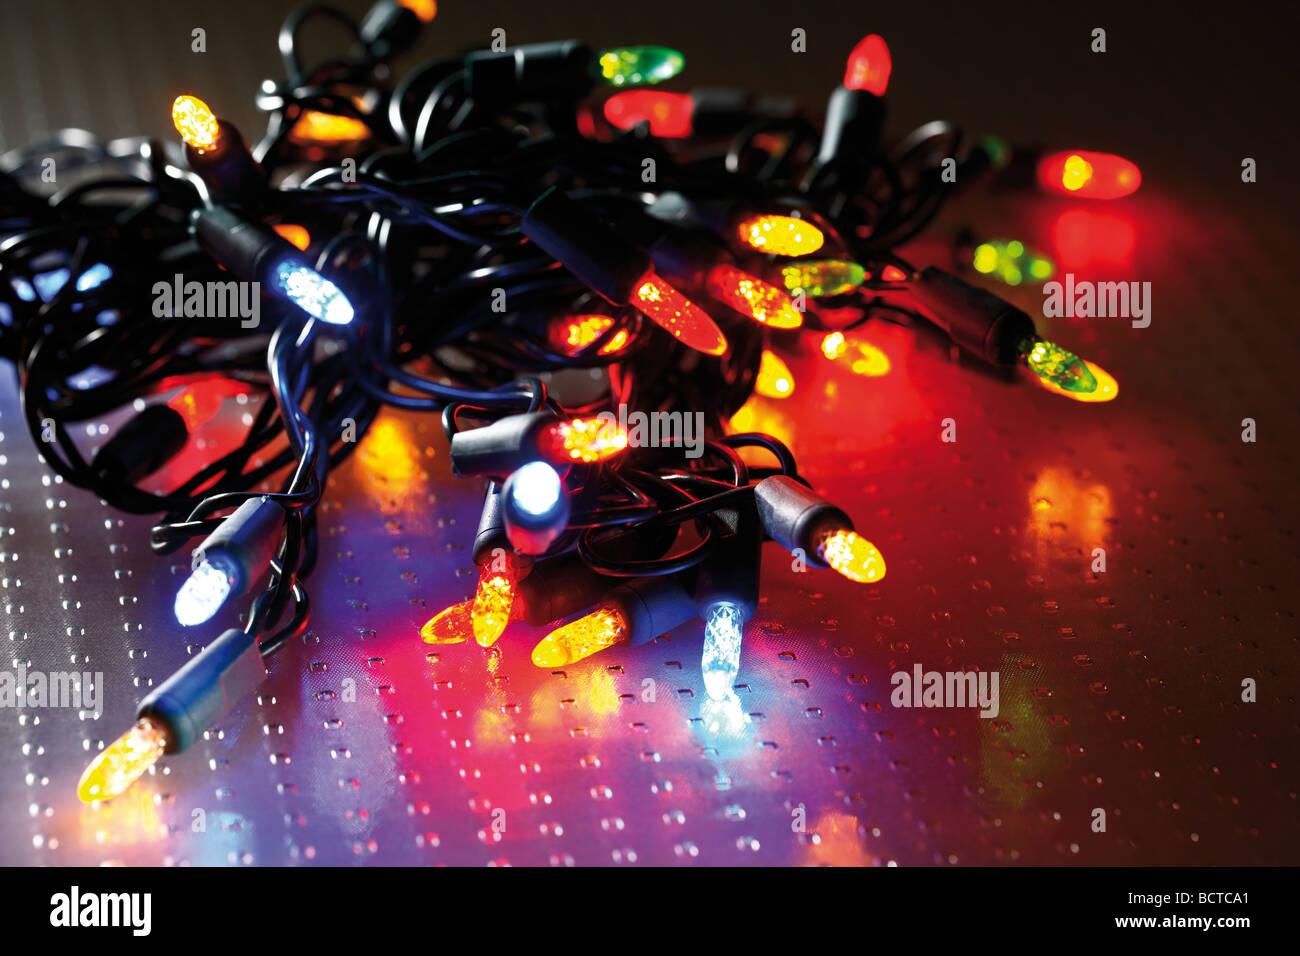 bunte lichterkette weihnachtsbeleuchtung stockfoto bild 25122777 alamy. Black Bedroom Furniture Sets. Home Design Ideas